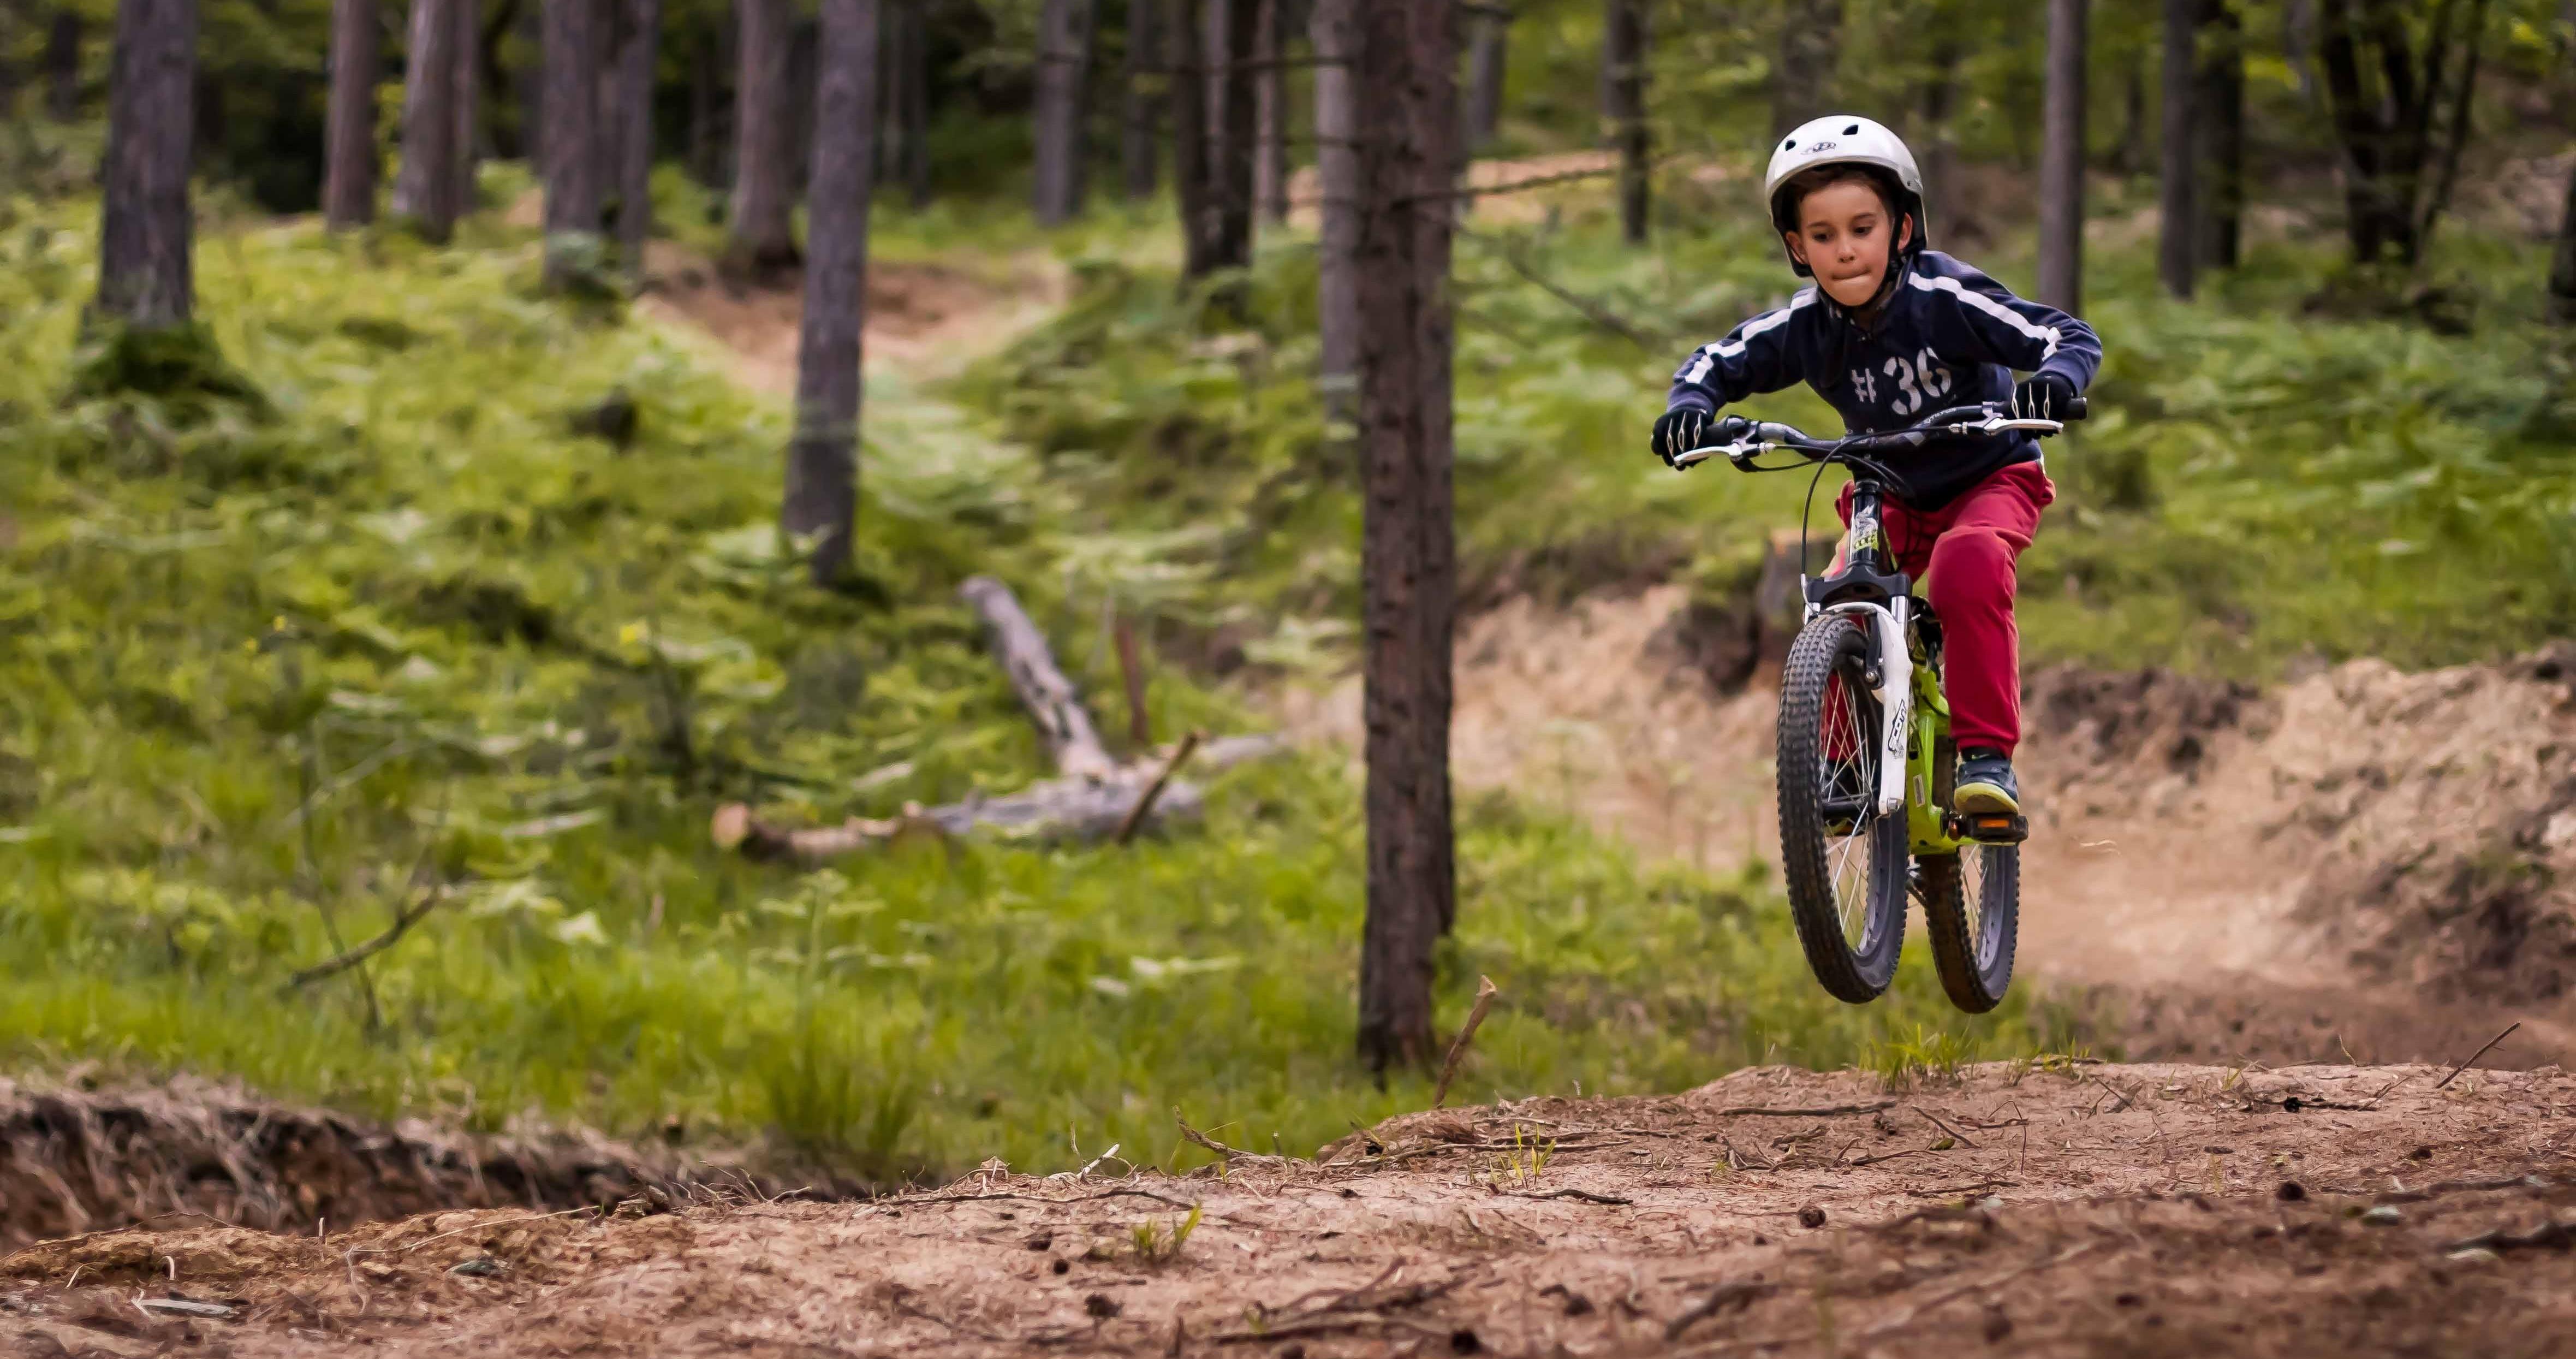 Trilči trail